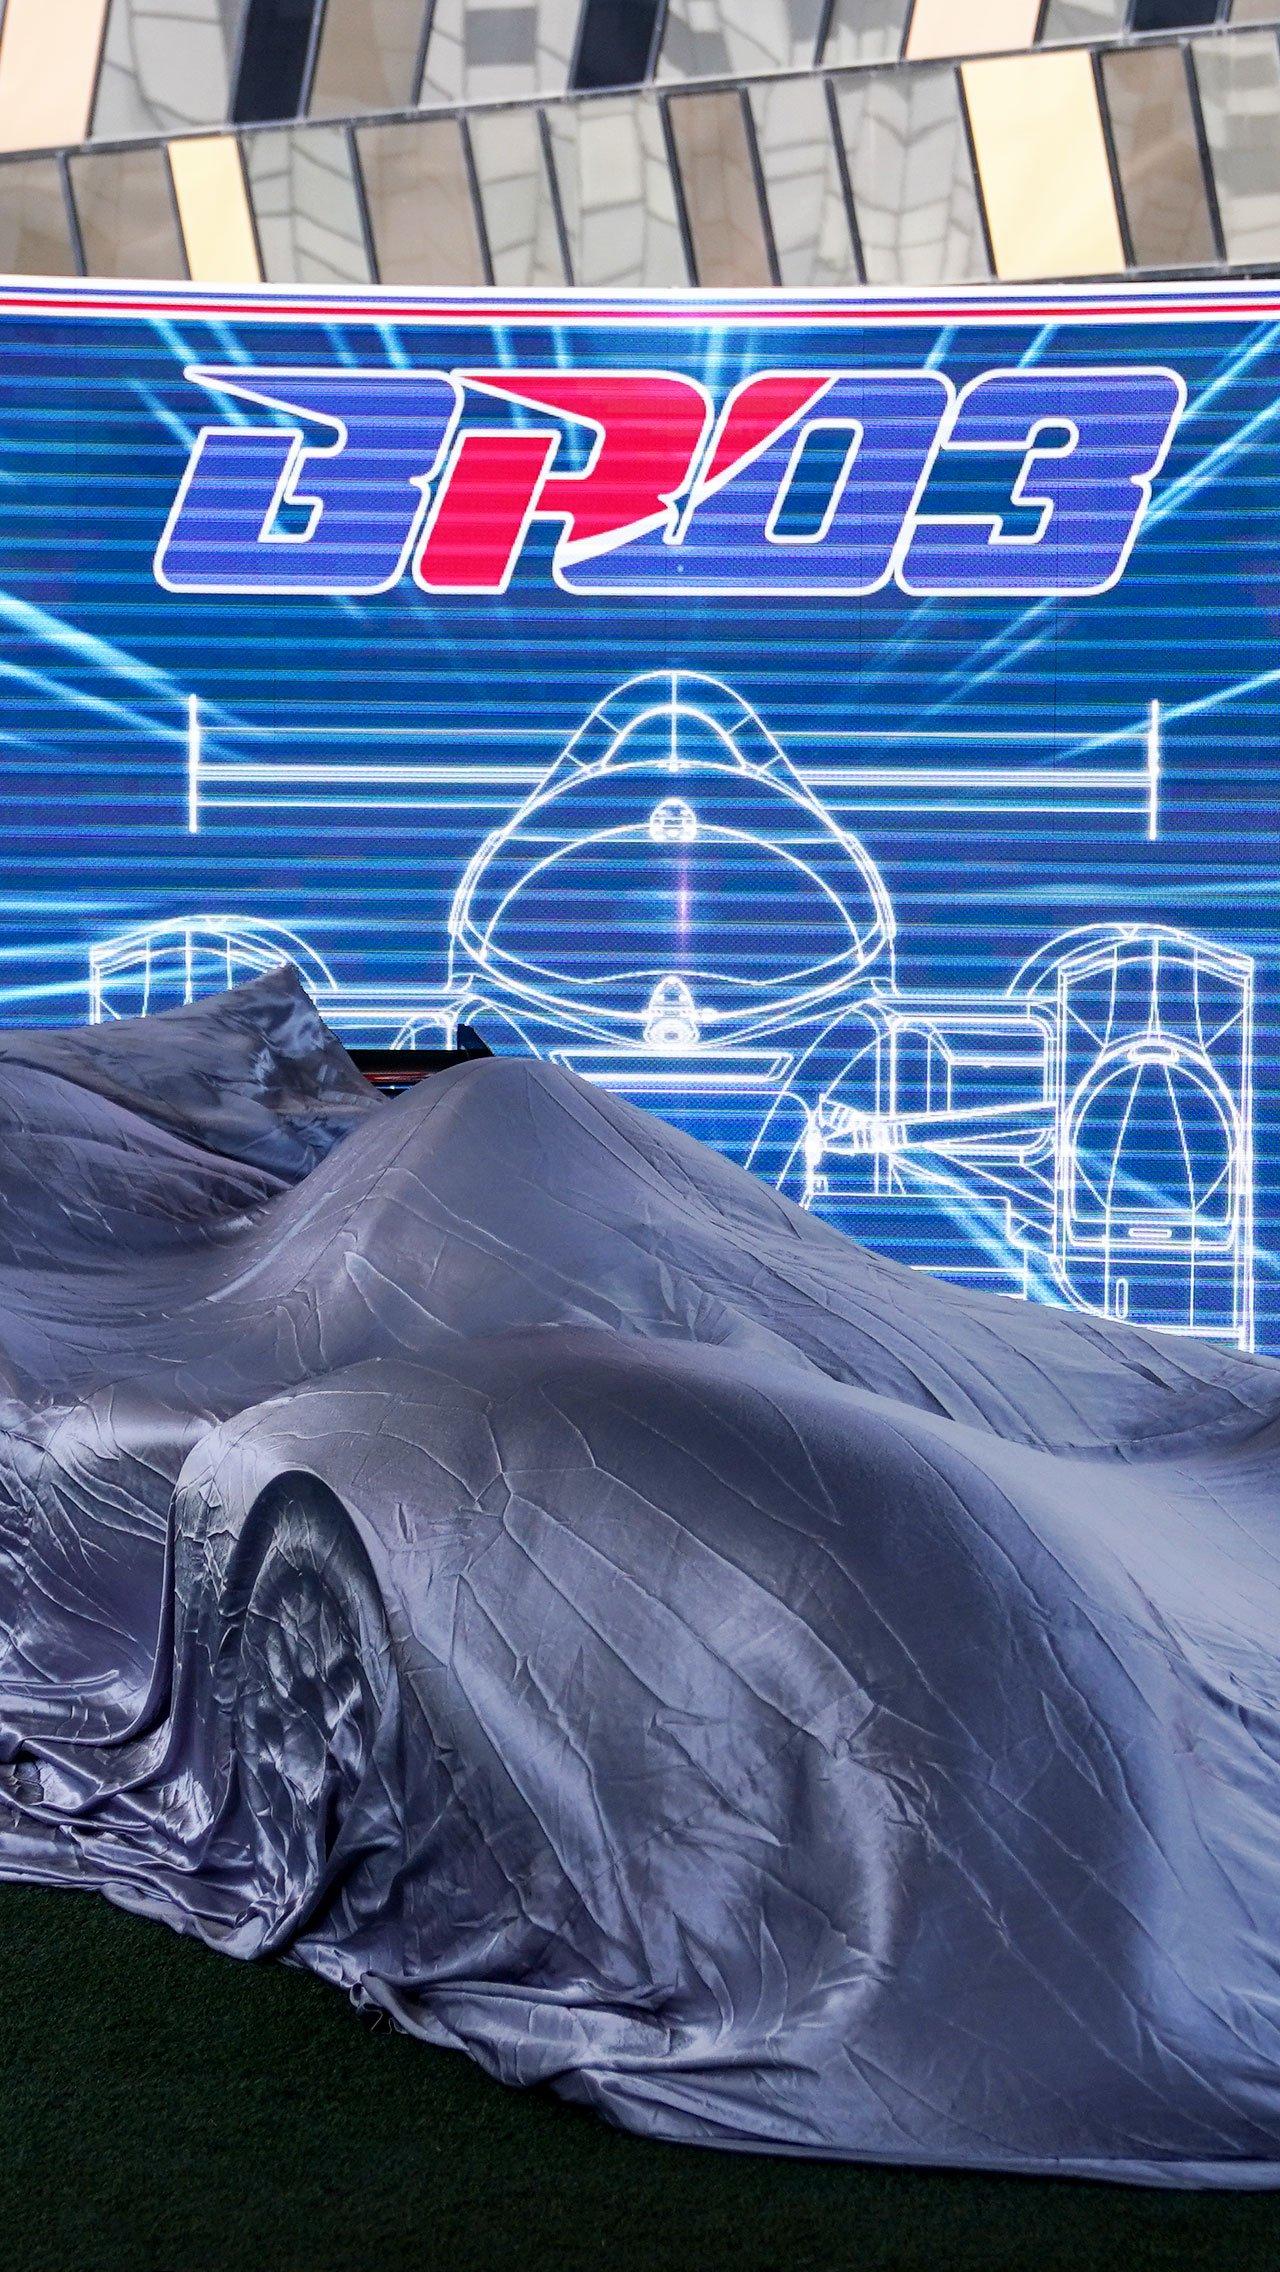 BR03 — новый российский гоночный болид